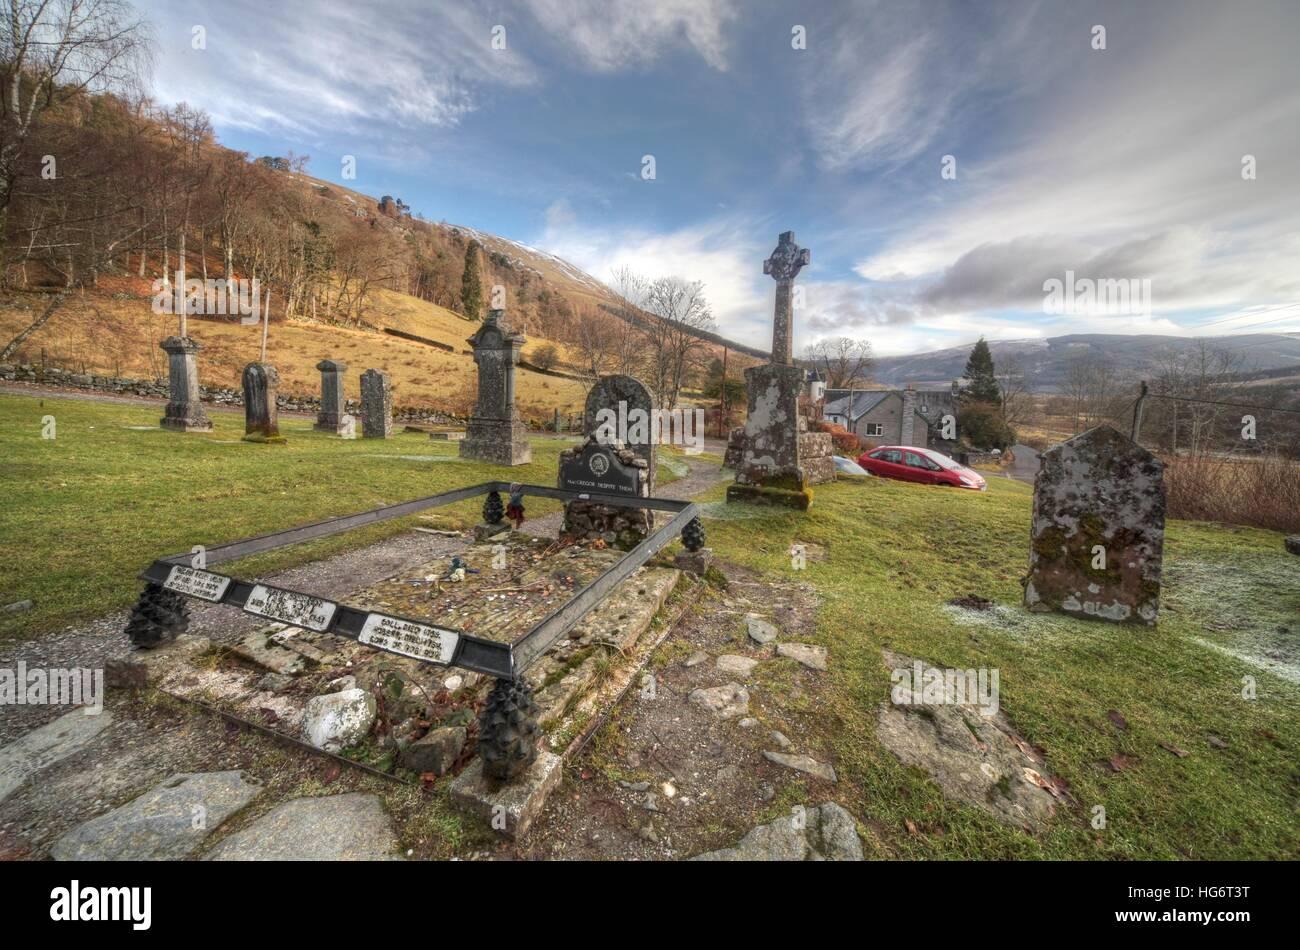 Laden Sie dieses Alamy Stockfoto Balquhidder, Sterling, Scotland, UK - Rob Roy rot MacGregors Rastplatz mit dramatischer Himmel - HG6T3T